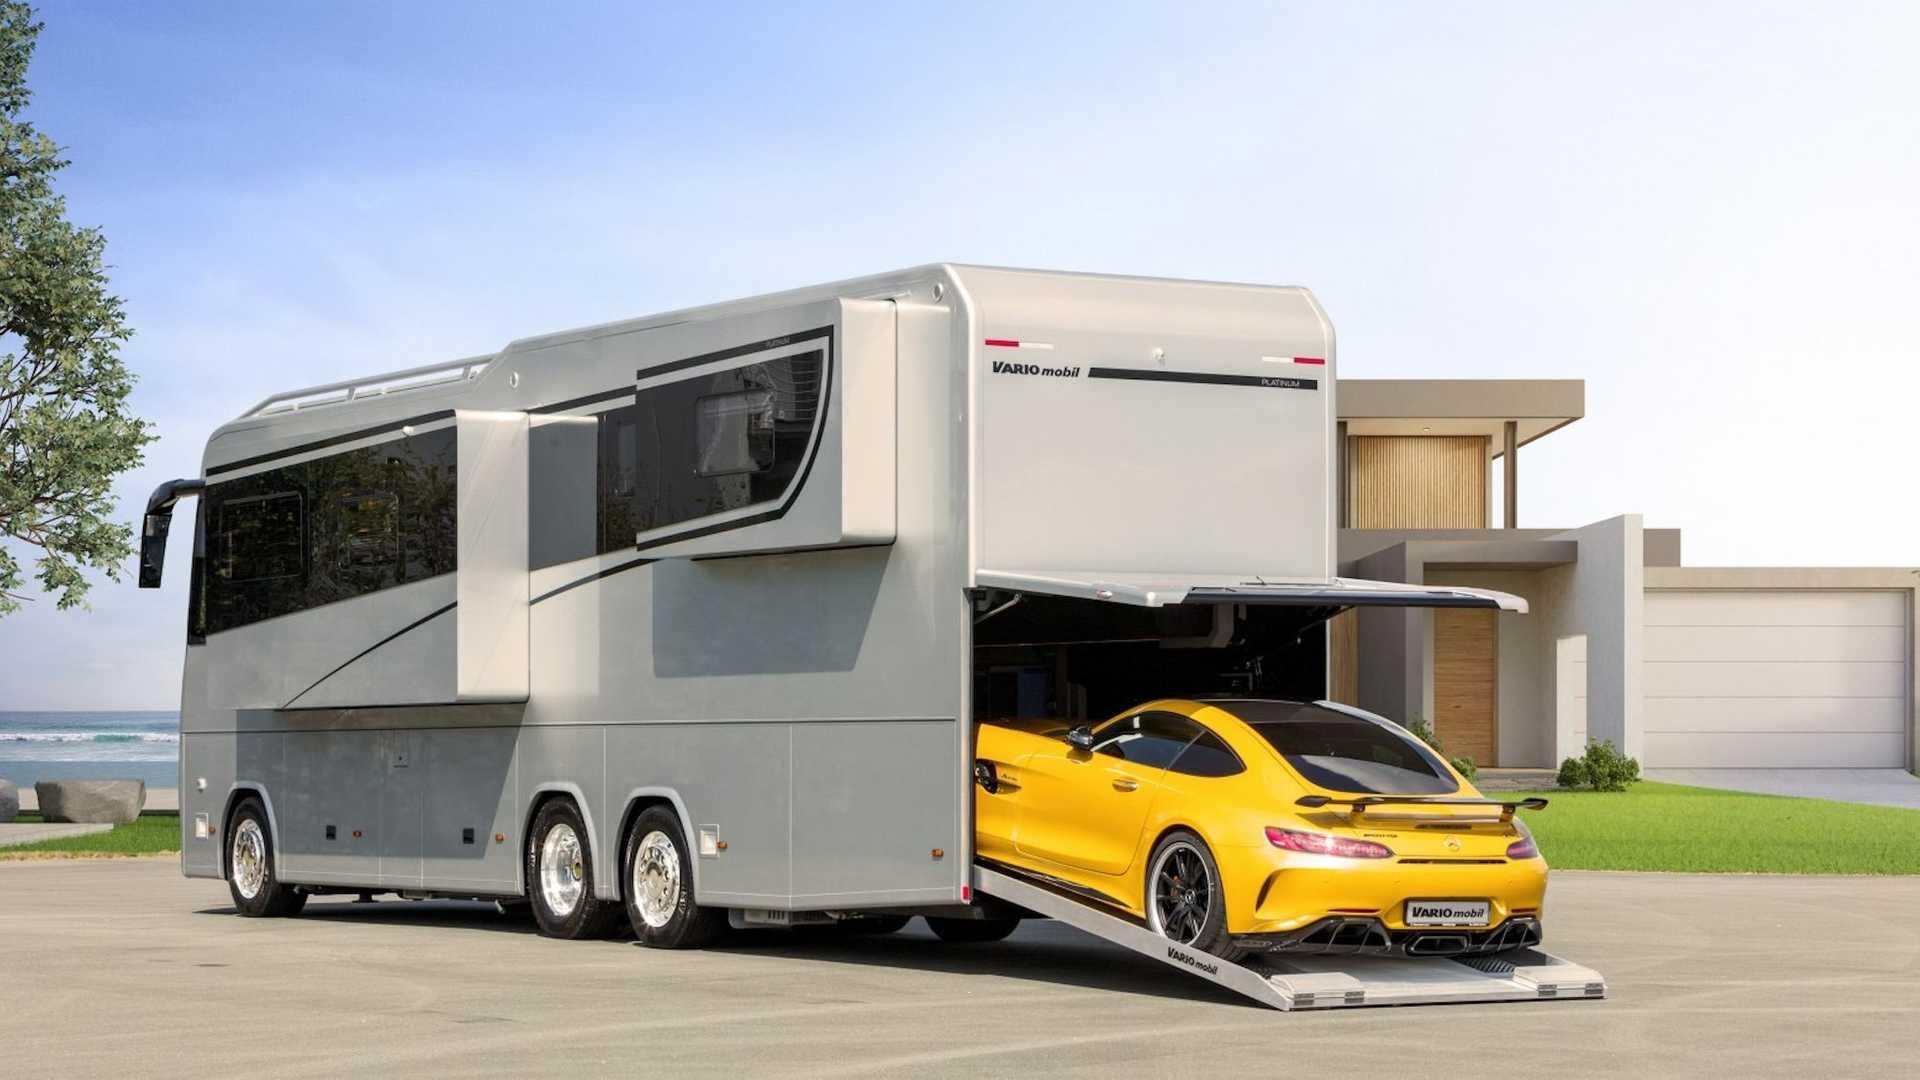 Луксуз на тркала: како изгледа кампер од 1,7 милиони долари! / ФОТО